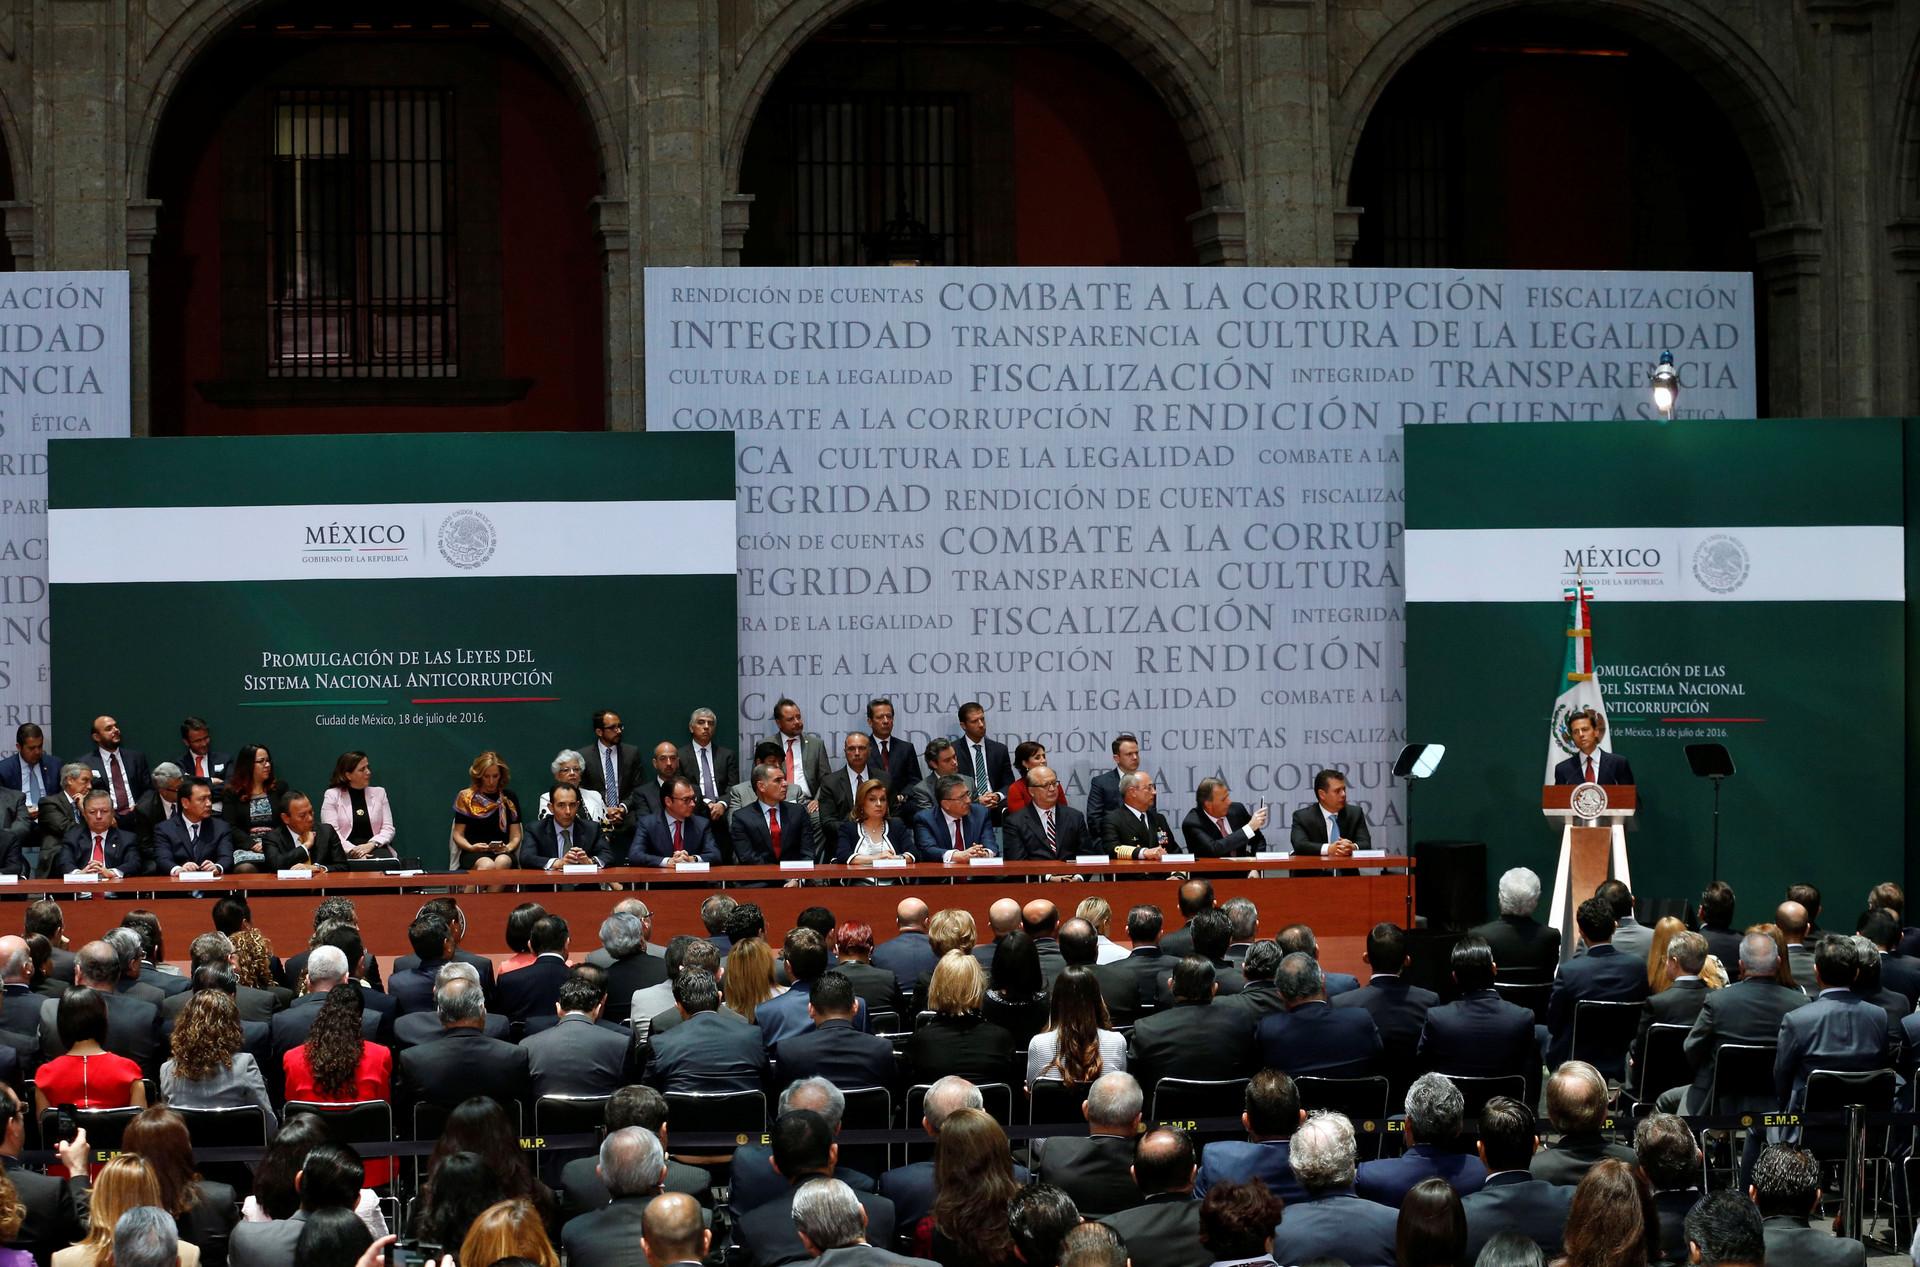 El presidente de México, Enrique Peña Nieto, durante la promulgación de la Ley Nacional Anticorrupción, el 18 de julio de 2016